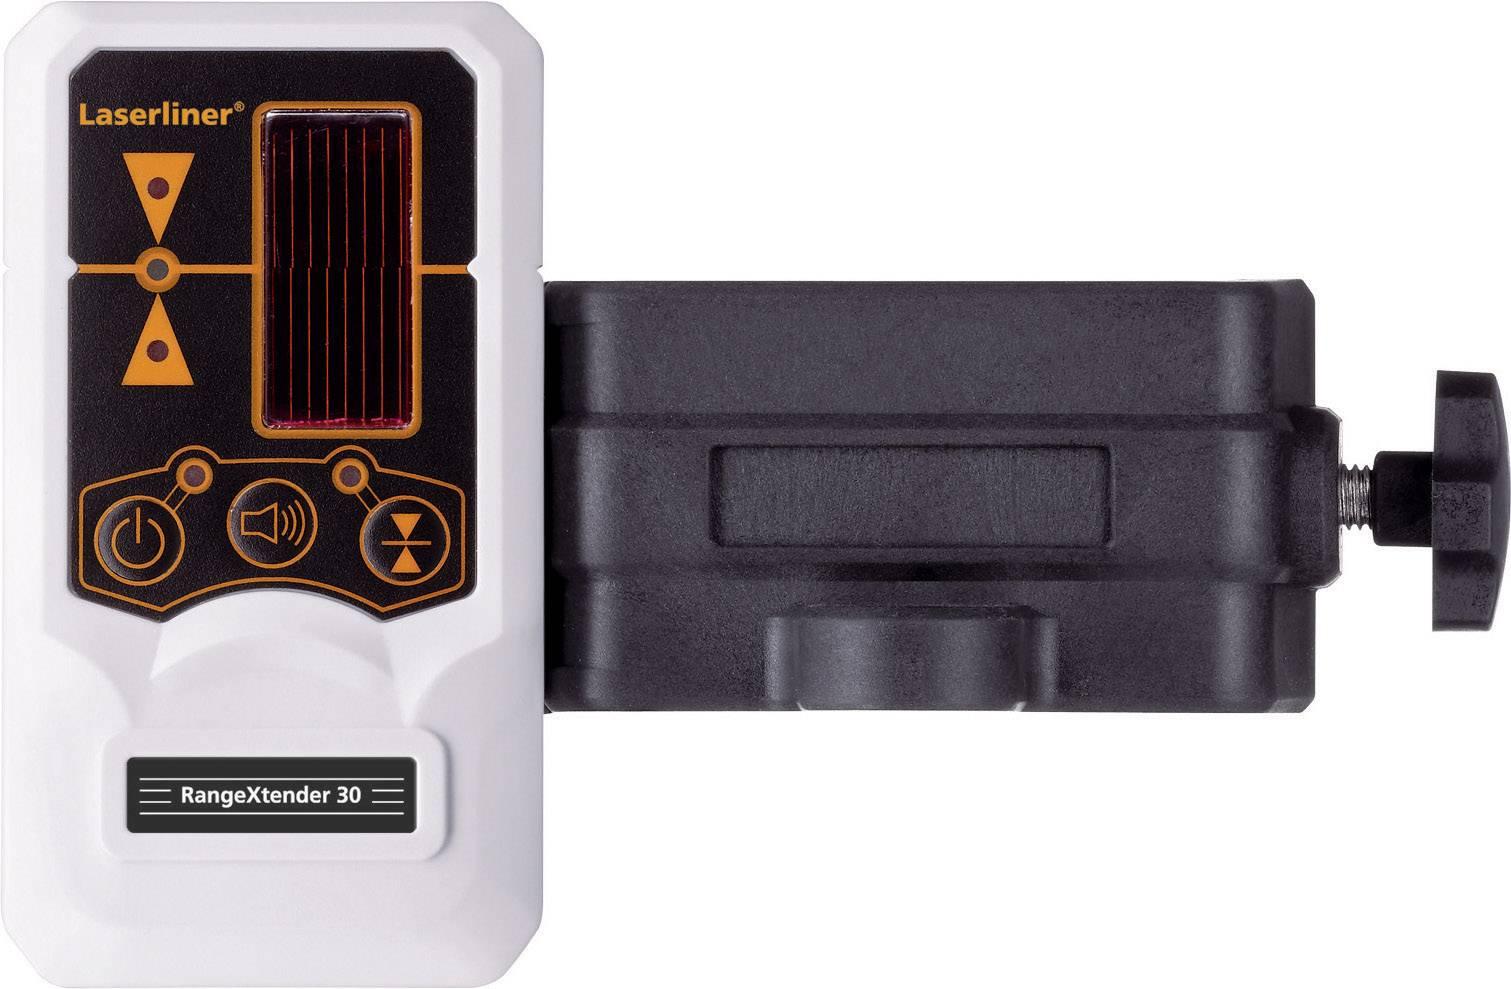 Ručný laserový prijímač Laserliner 033.25A